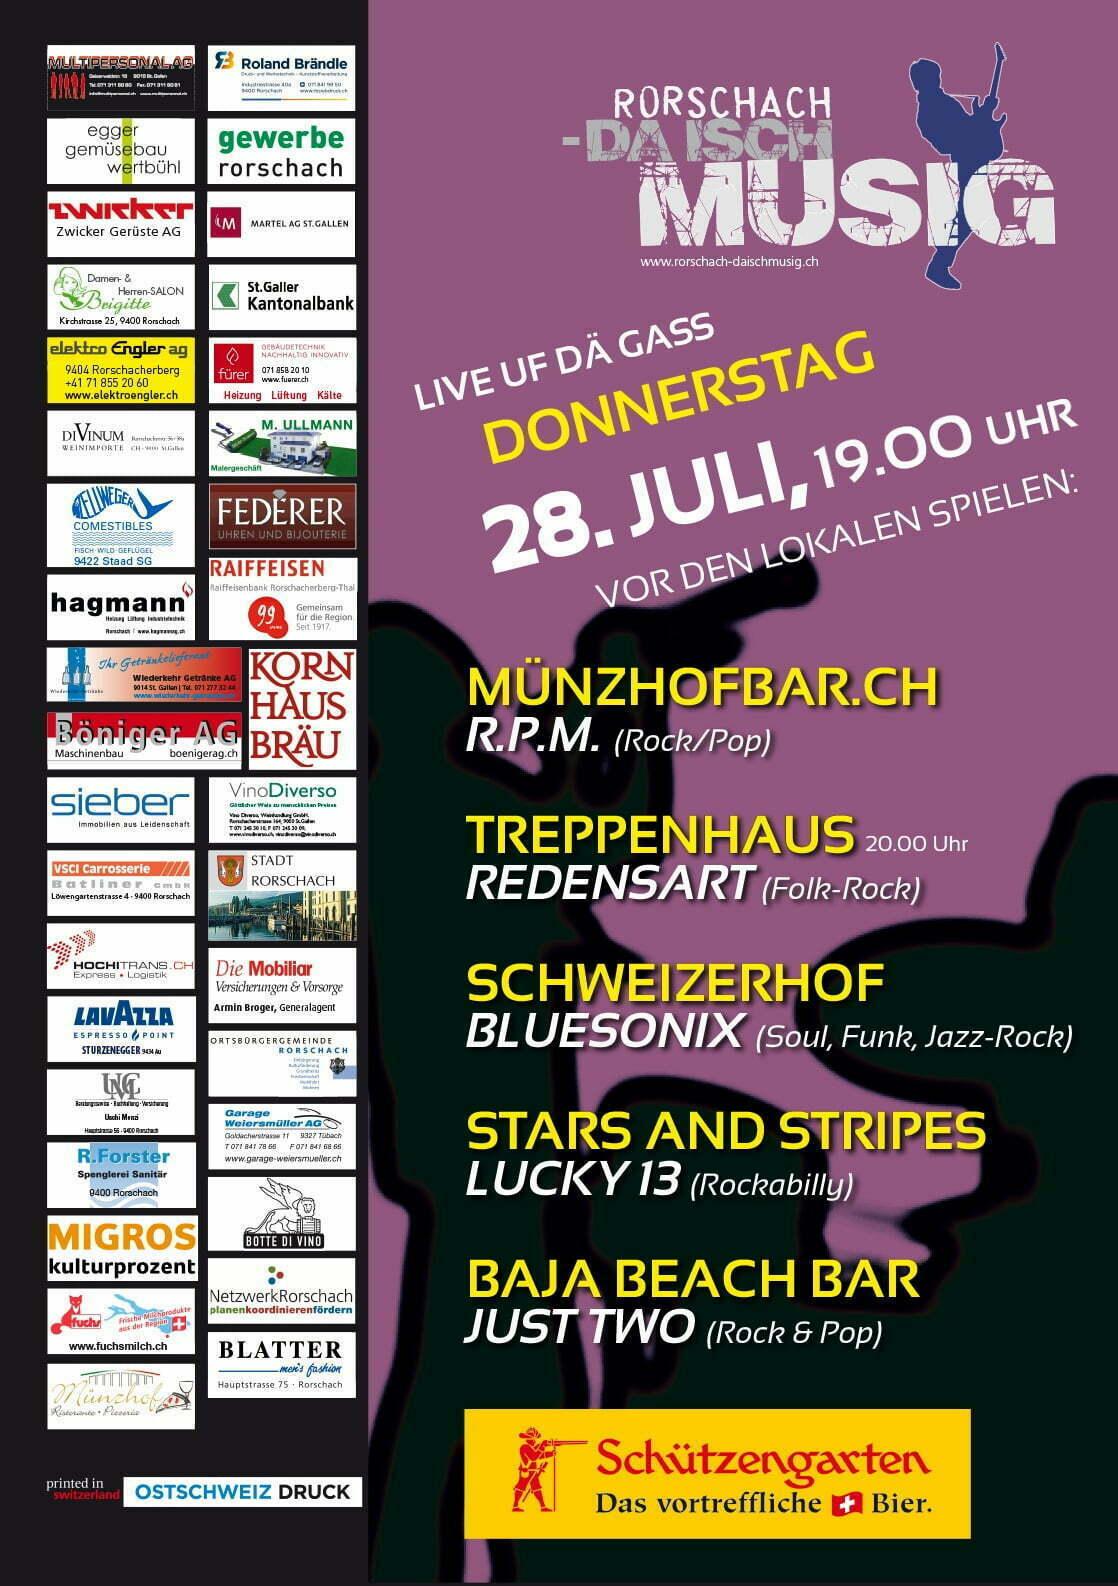 Rorschach-da isch Musig Juli 2016 Plakat